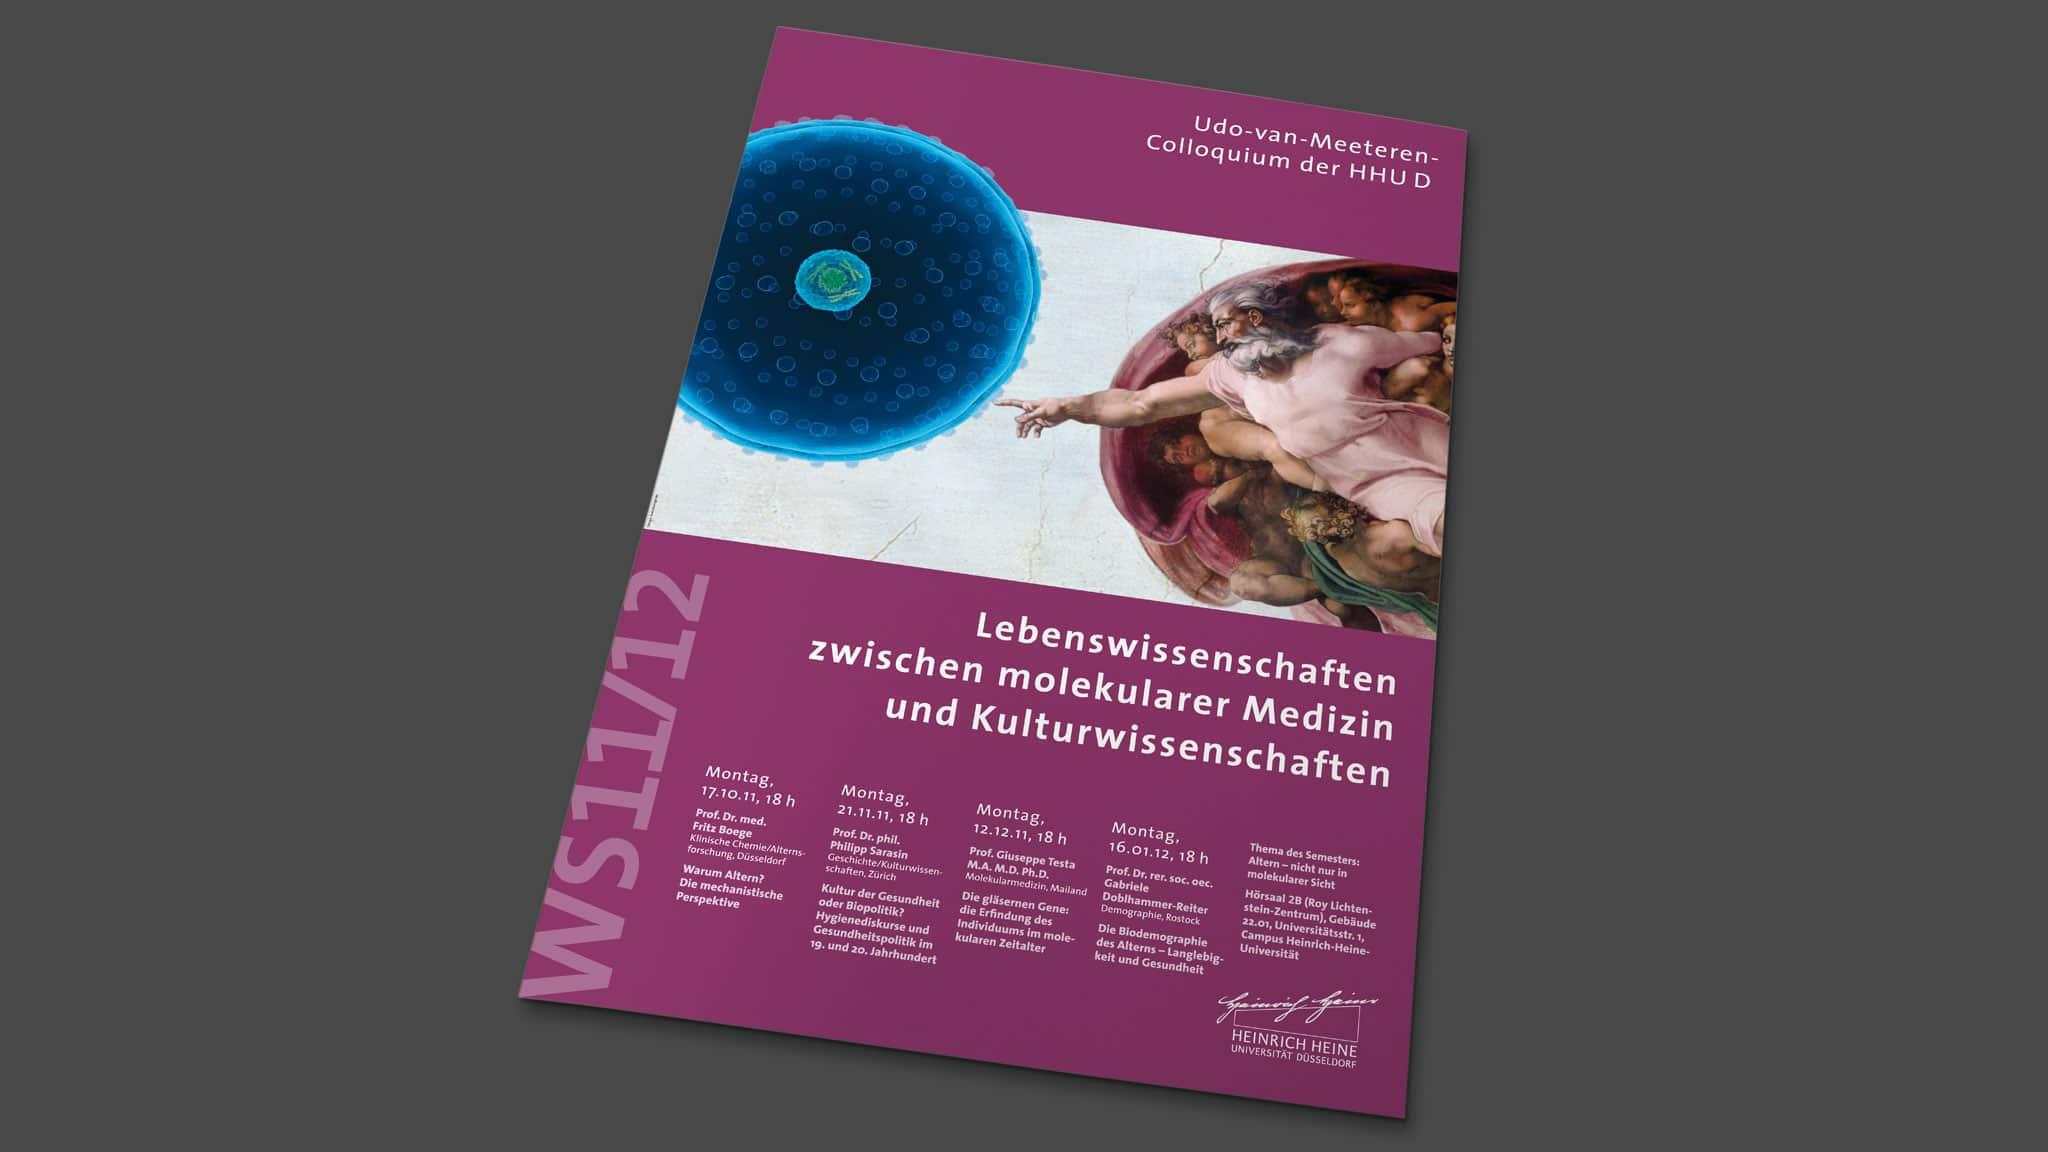 Plakatgestaltung für die Universität Düsseldorf